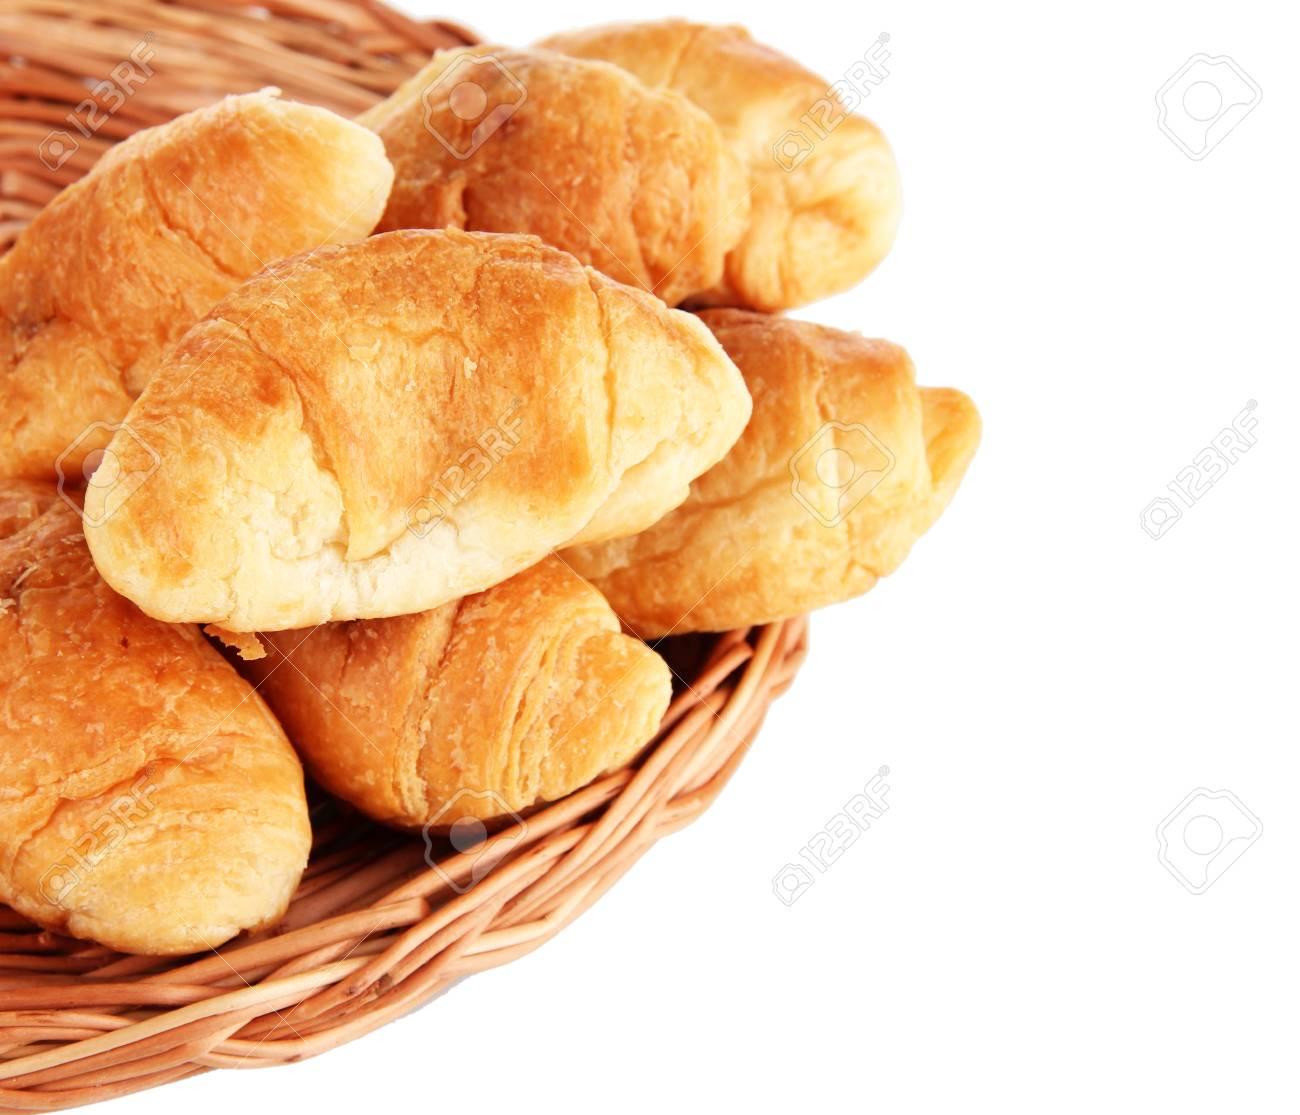 Leckere Croissants Auf Weidenmatte Isoliert Auf Weiss Lizenzfreie